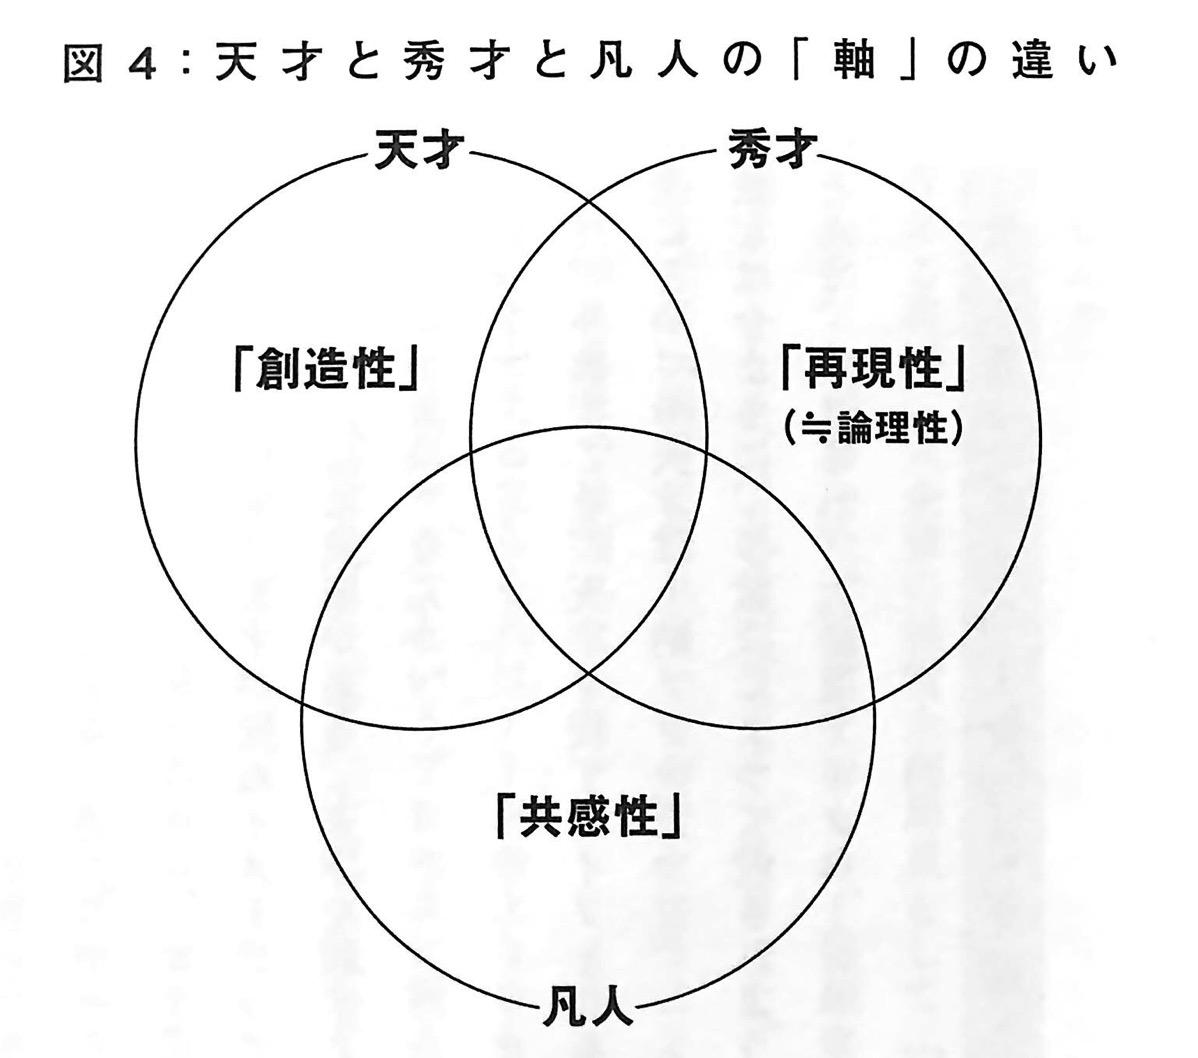 図4 天才と秀才と凡人の 軸 の違い 天才を殺す凡人 ステージ1